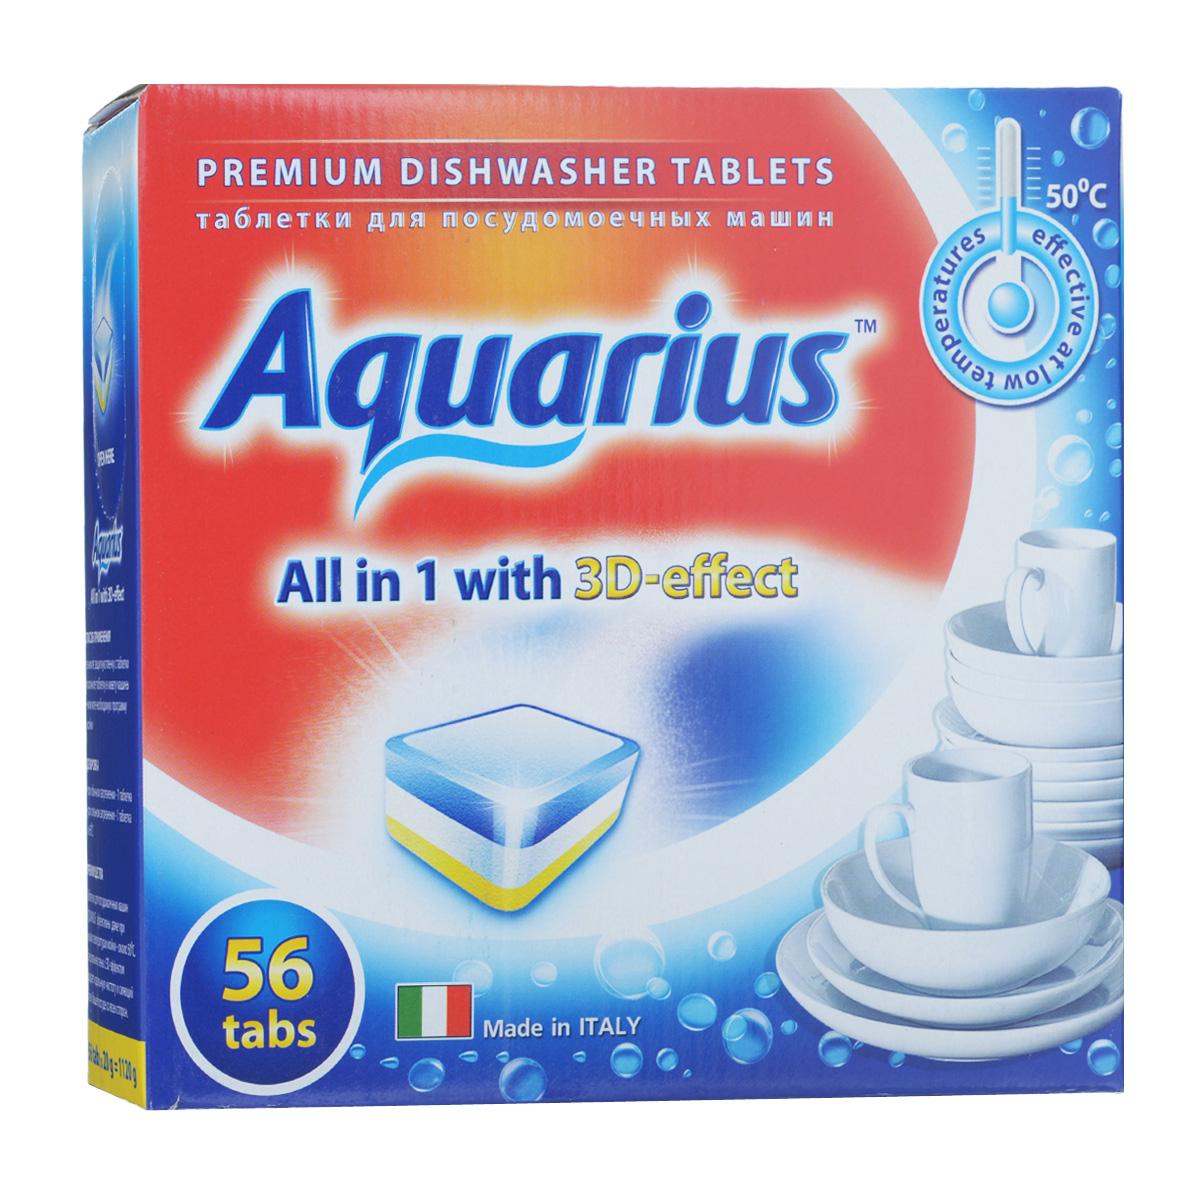 Таблетки для посудомоечных машин Lotta Aquarius, 56 шт16243Таблетки Lotta Aquarius предназначены для посудомоечных машин. Специальная пена с 3D-эффектом придает идеальную чистоту и сияющий блеск вашей посуде со всех сторон. Таблетки эффективны даже при низких температурах мойки - около 30°С. Для этого необходимо снять защитную пленку, положить таблетку в кювету машины и включить необходимую программу. В комплект входит 56 штук. Вес одной таблетки: 20 г. Состав: триполифосфат натрия, поликарбоксилат, неионные ПАВ, энзимы, ароматизатор. Товар сертифицирован.